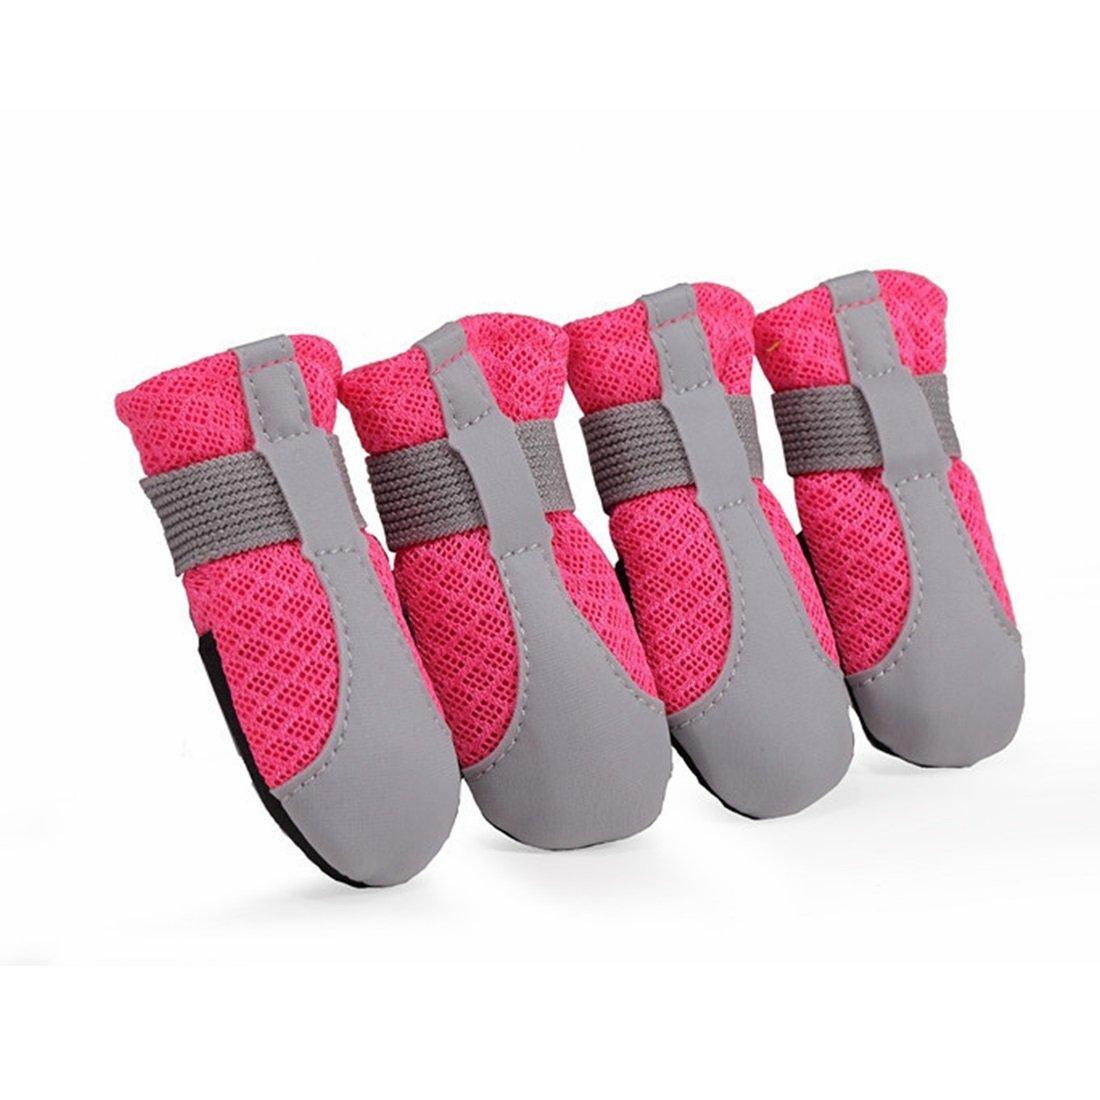 616b5bd4a1d Amazon.com: KTYX Summer Net Shoes, Pet Supplies, Sandals, Dustproof ...